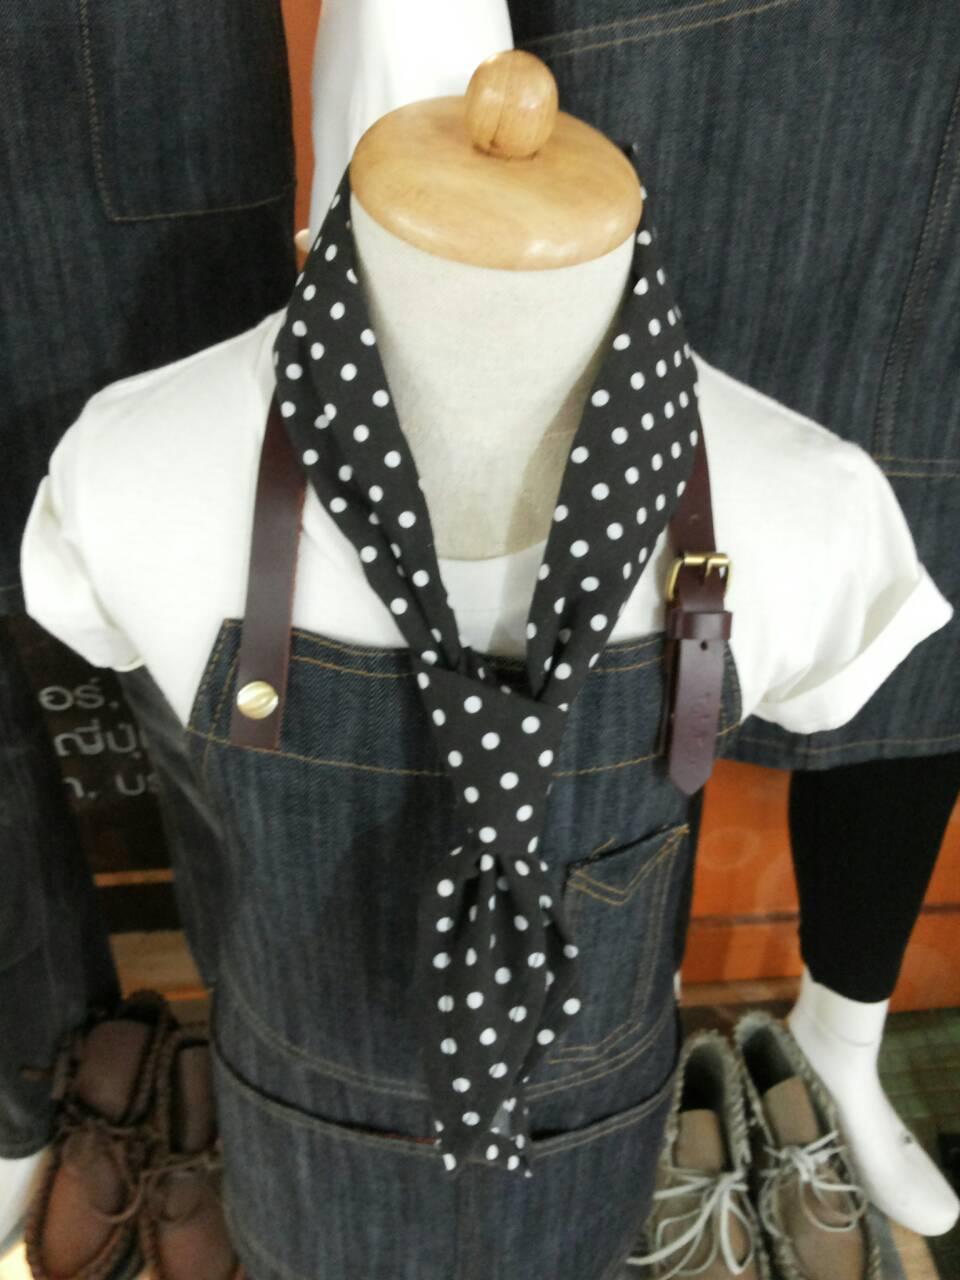 ผ้าพันคอ คุณภาพดี ราคาถูก รุ่น Muk Scarf 001